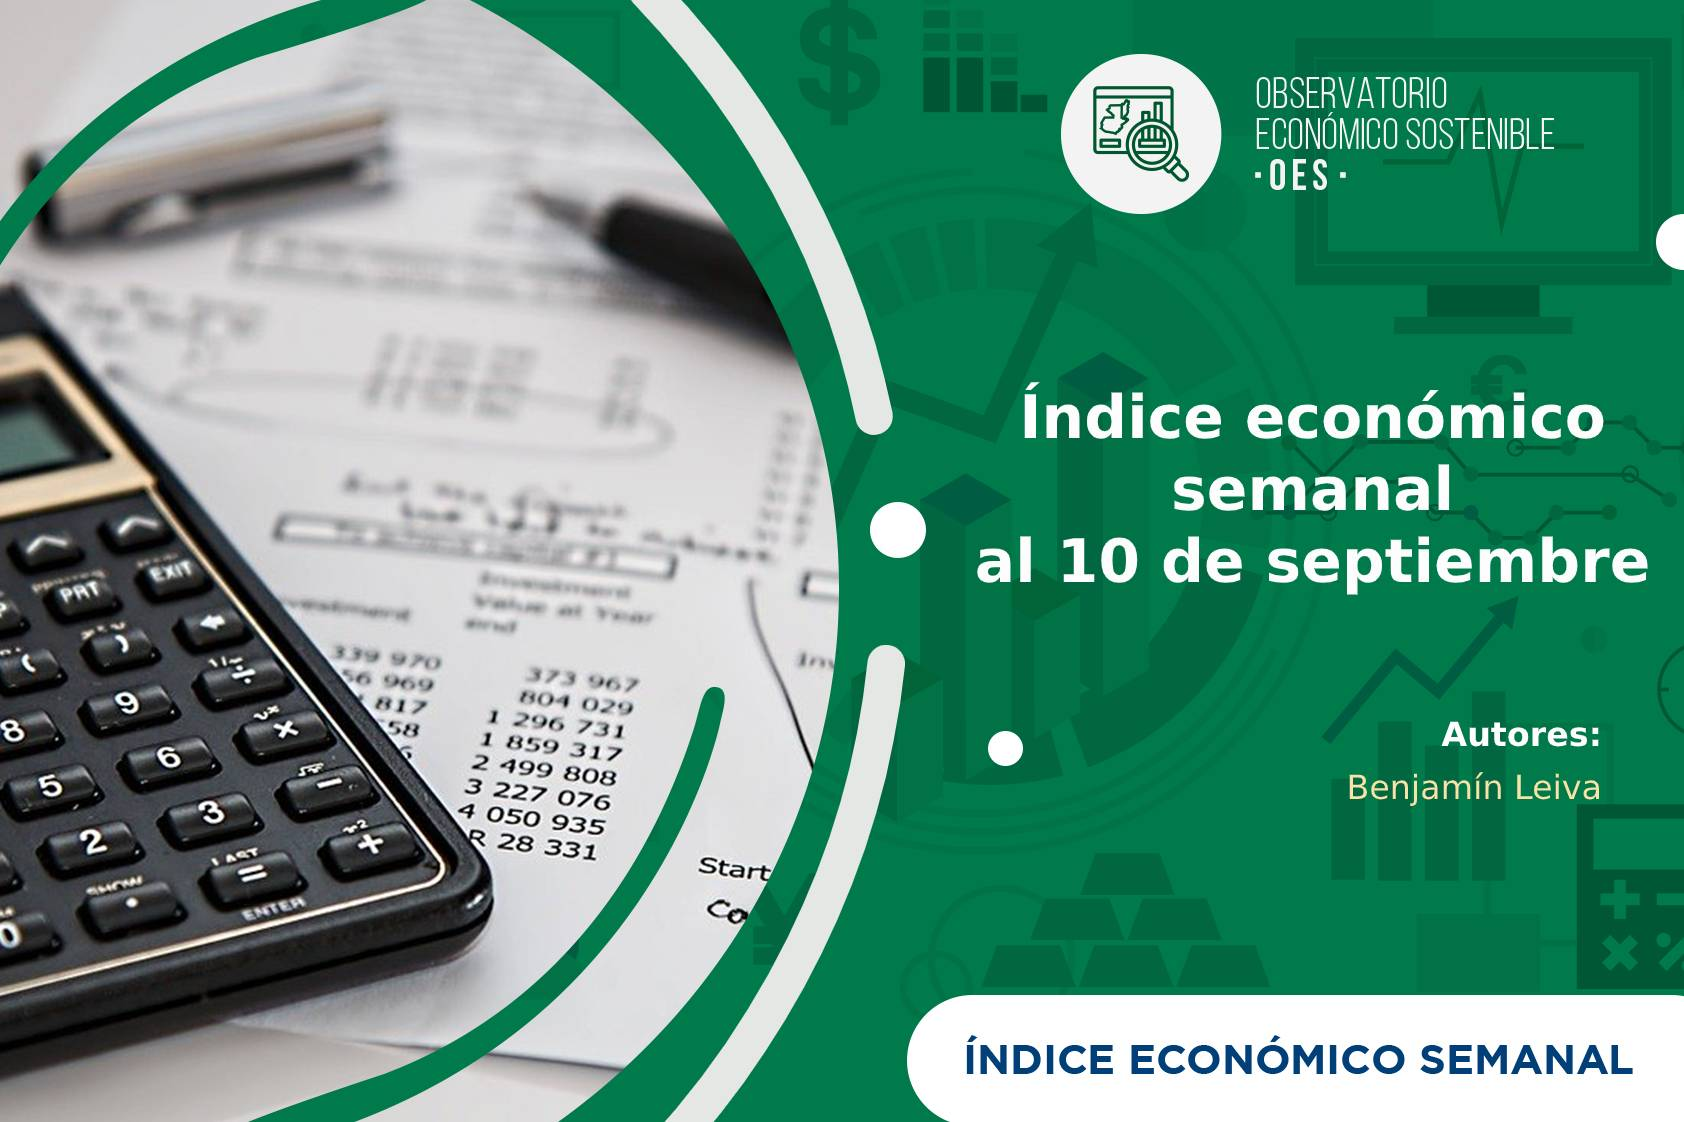 Índice económico semanal al 10 de septiembre